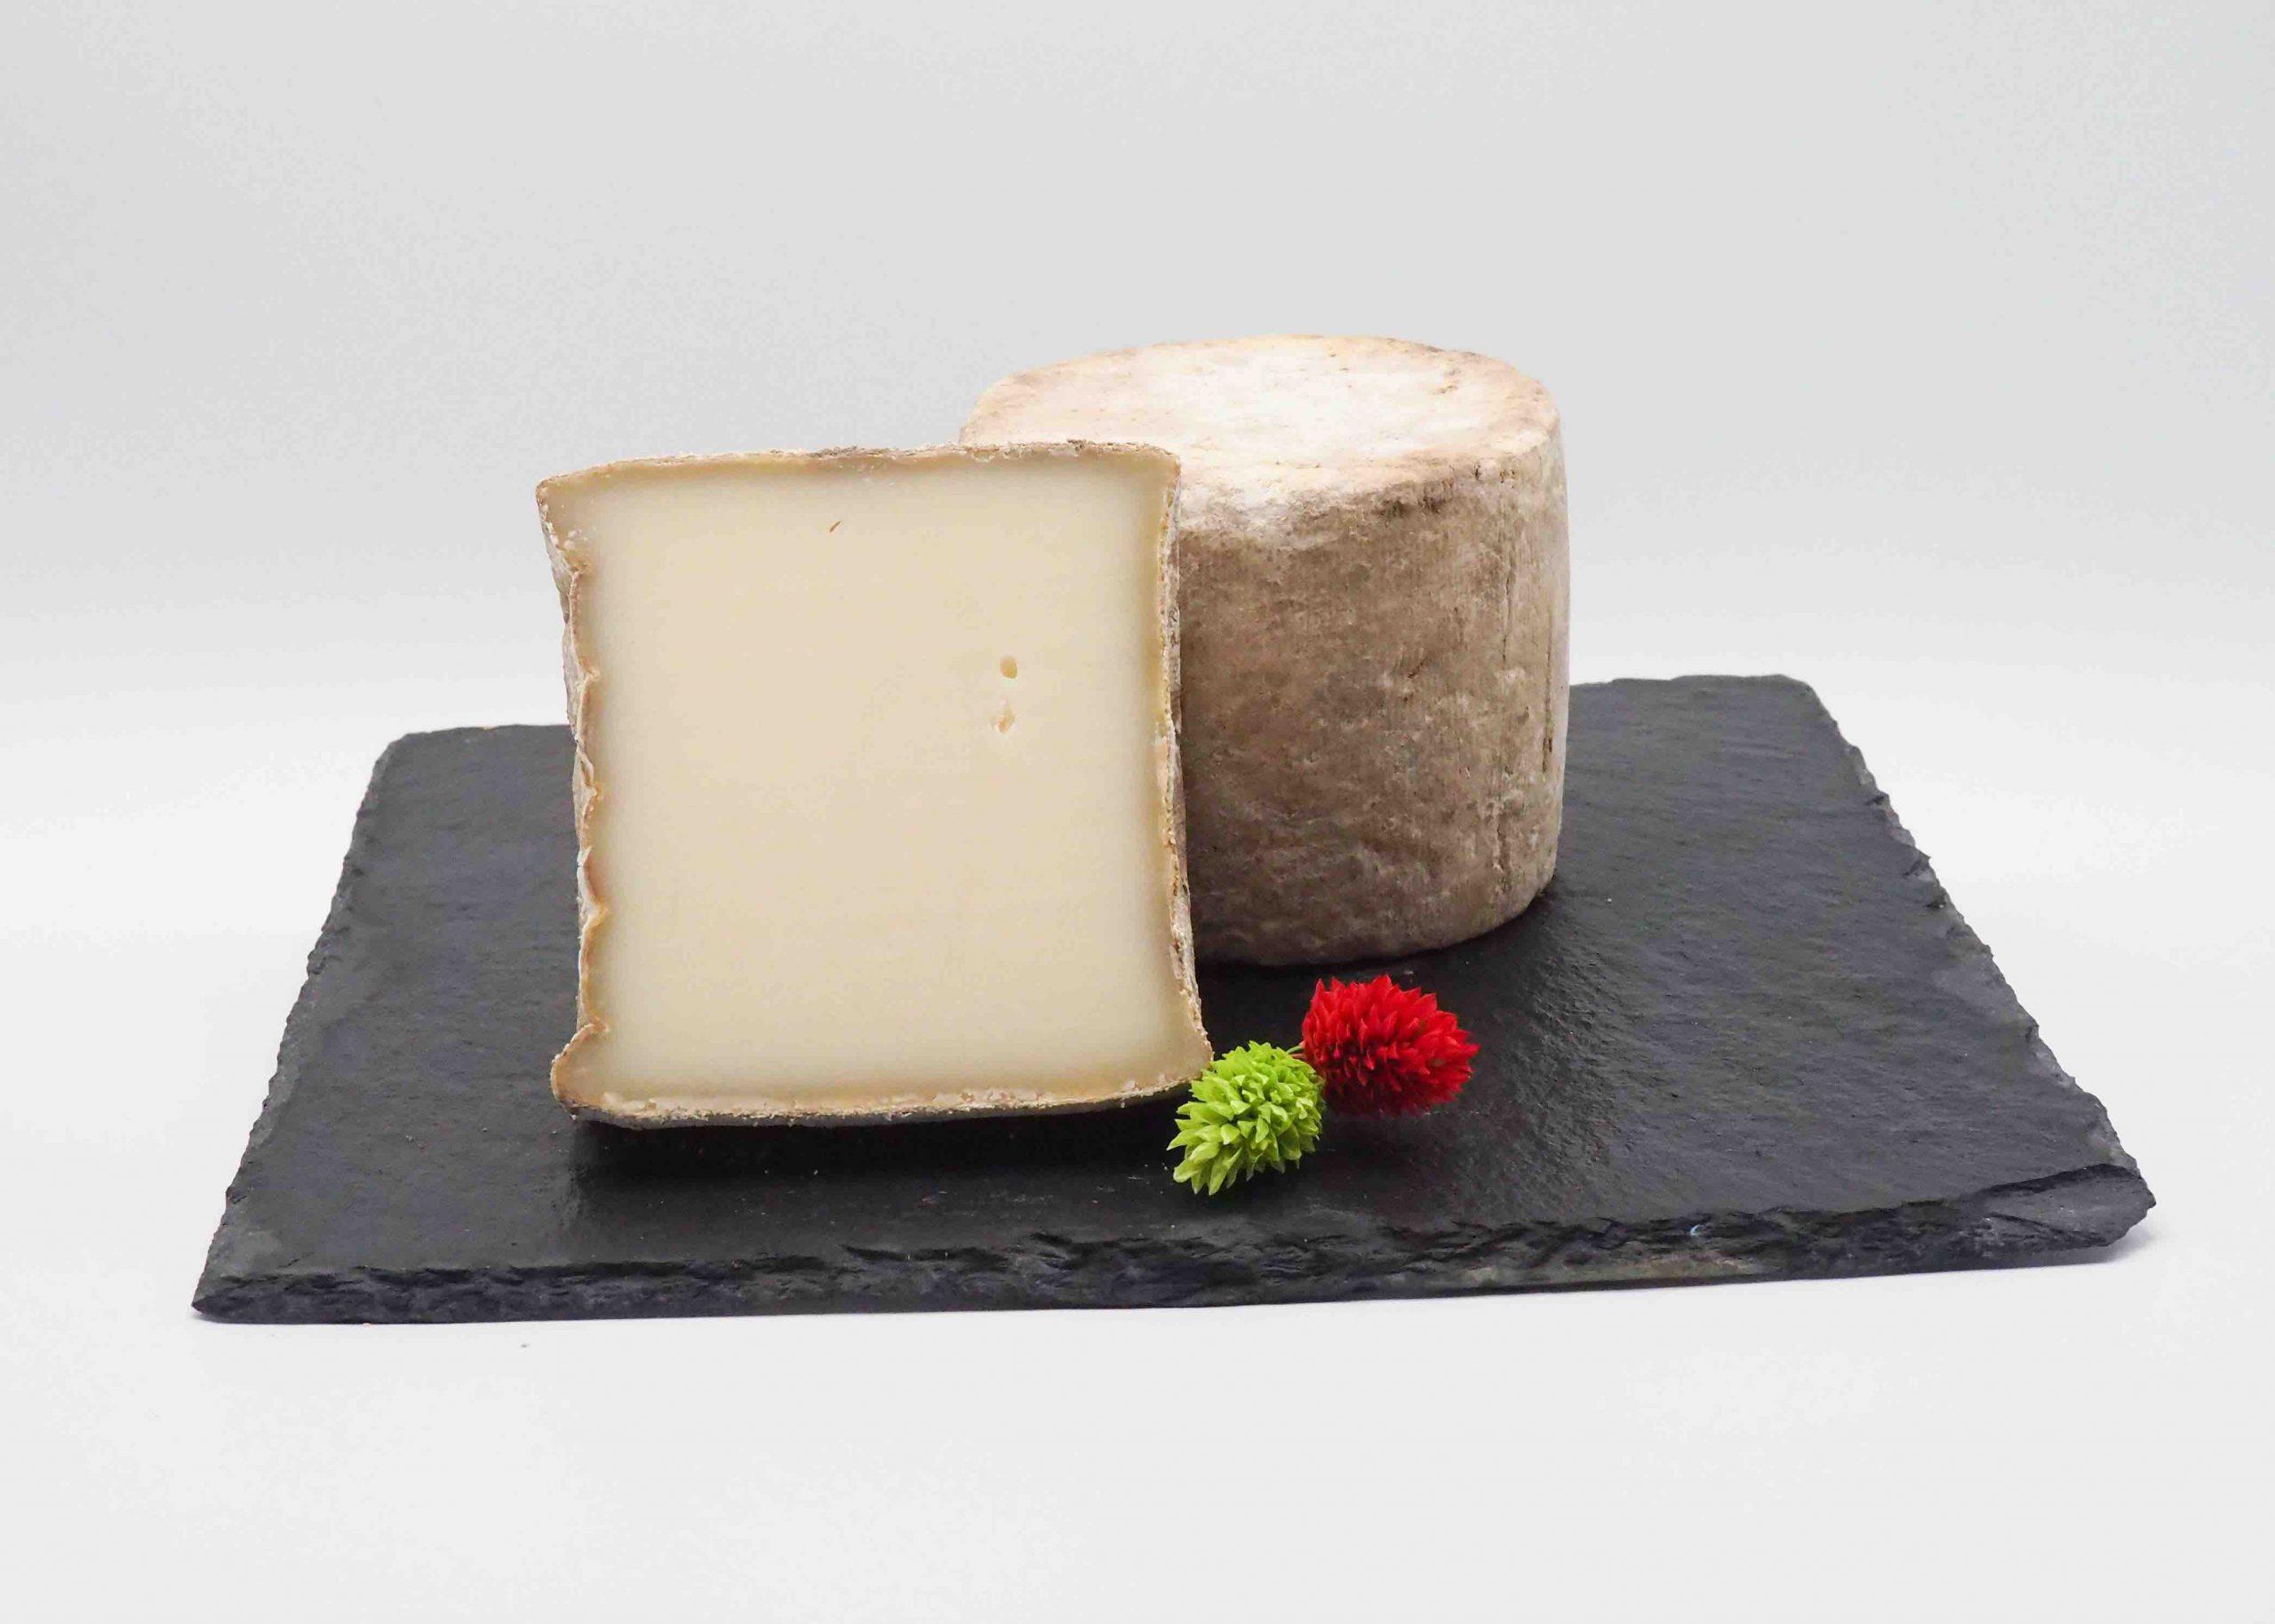 Achat de fromage de Brebis en ligne. Sélection par artisan meilleur ouvrier de France Dominique Bouchait